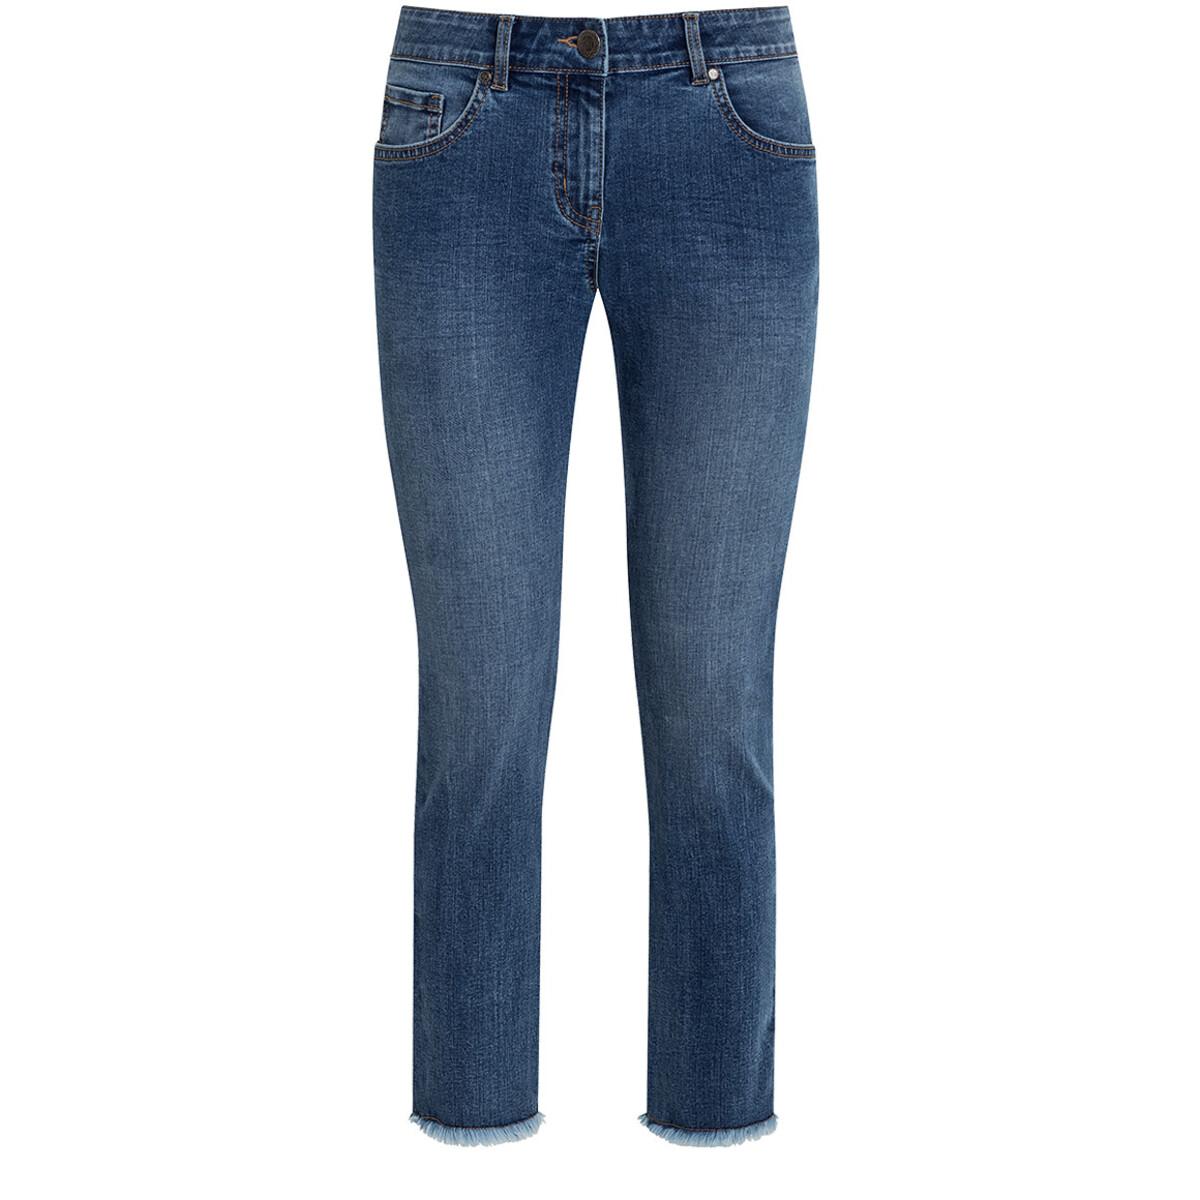 Bild 1 von 7/8 Damen Straight-Jeans mit Fransen